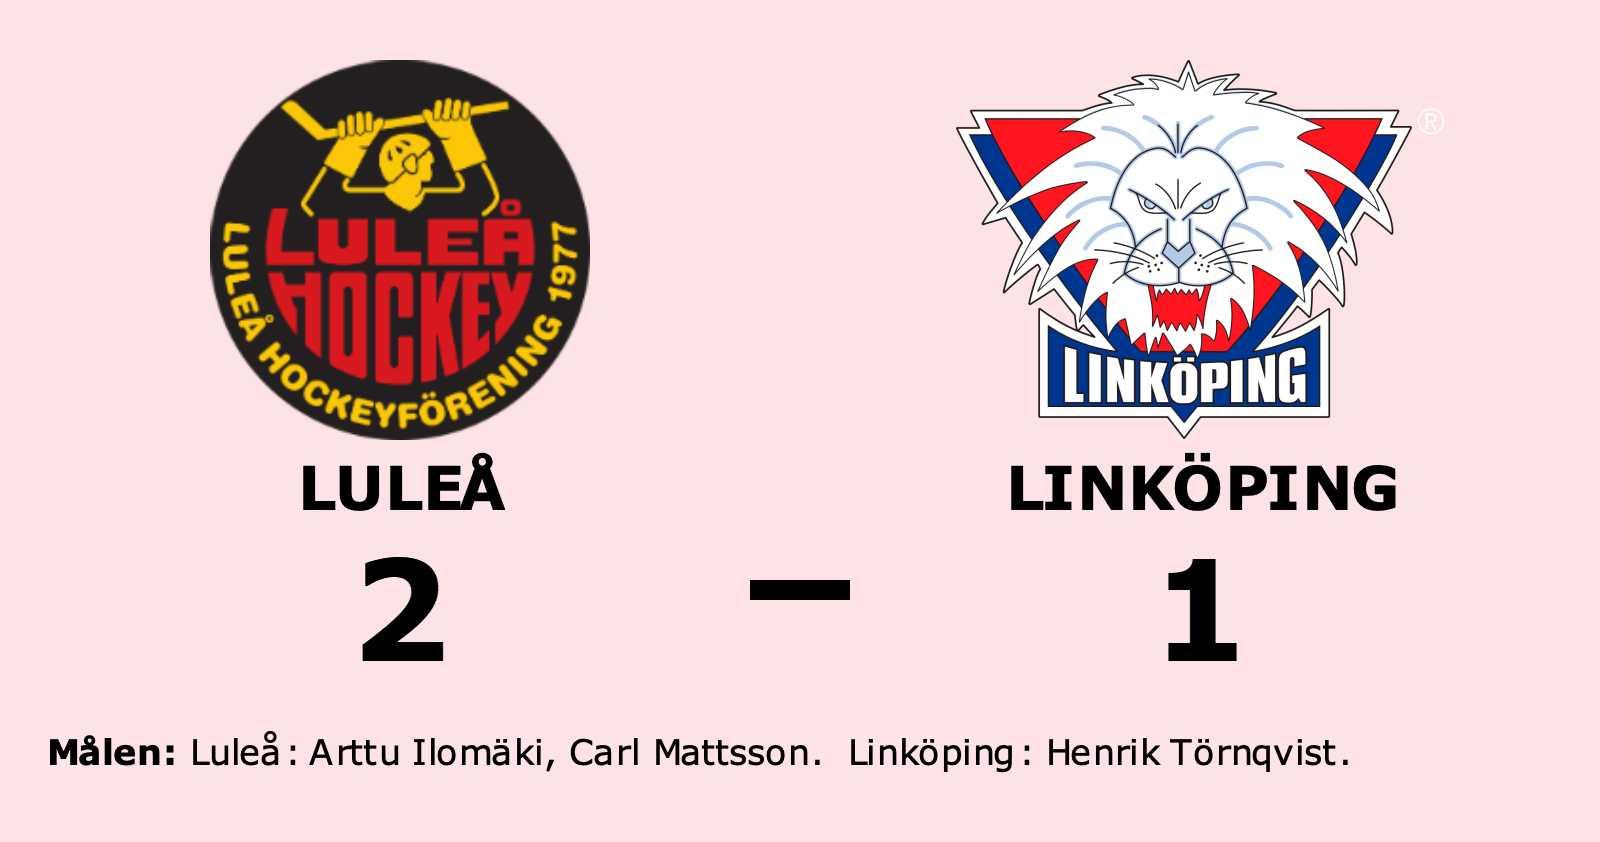 Henrik Törnqvist enda målskytt när Linköping föll